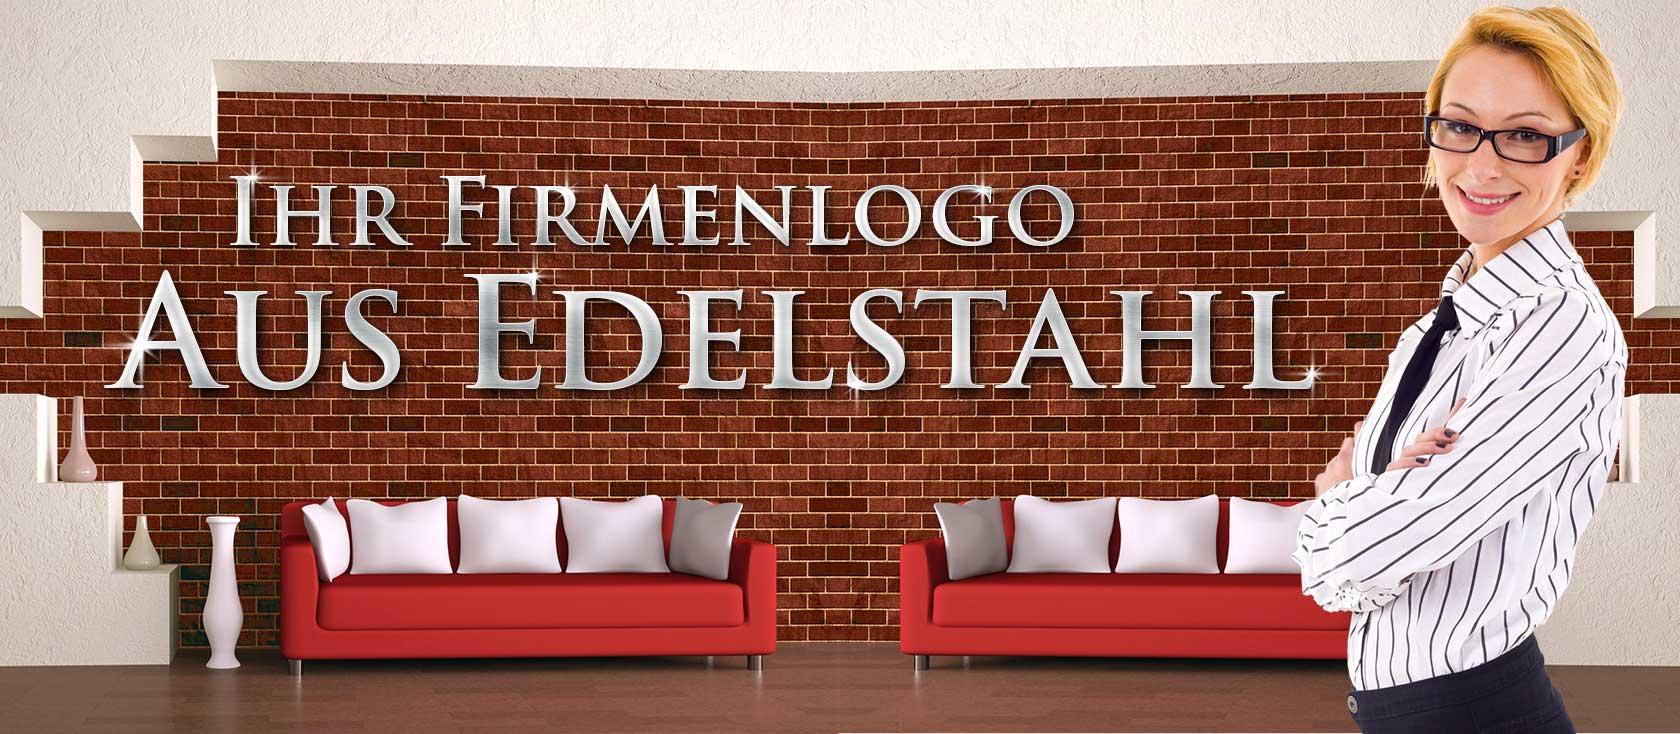 Firmenlogo oder Firmenschriftzug aus Edelstahl von Signostar.de